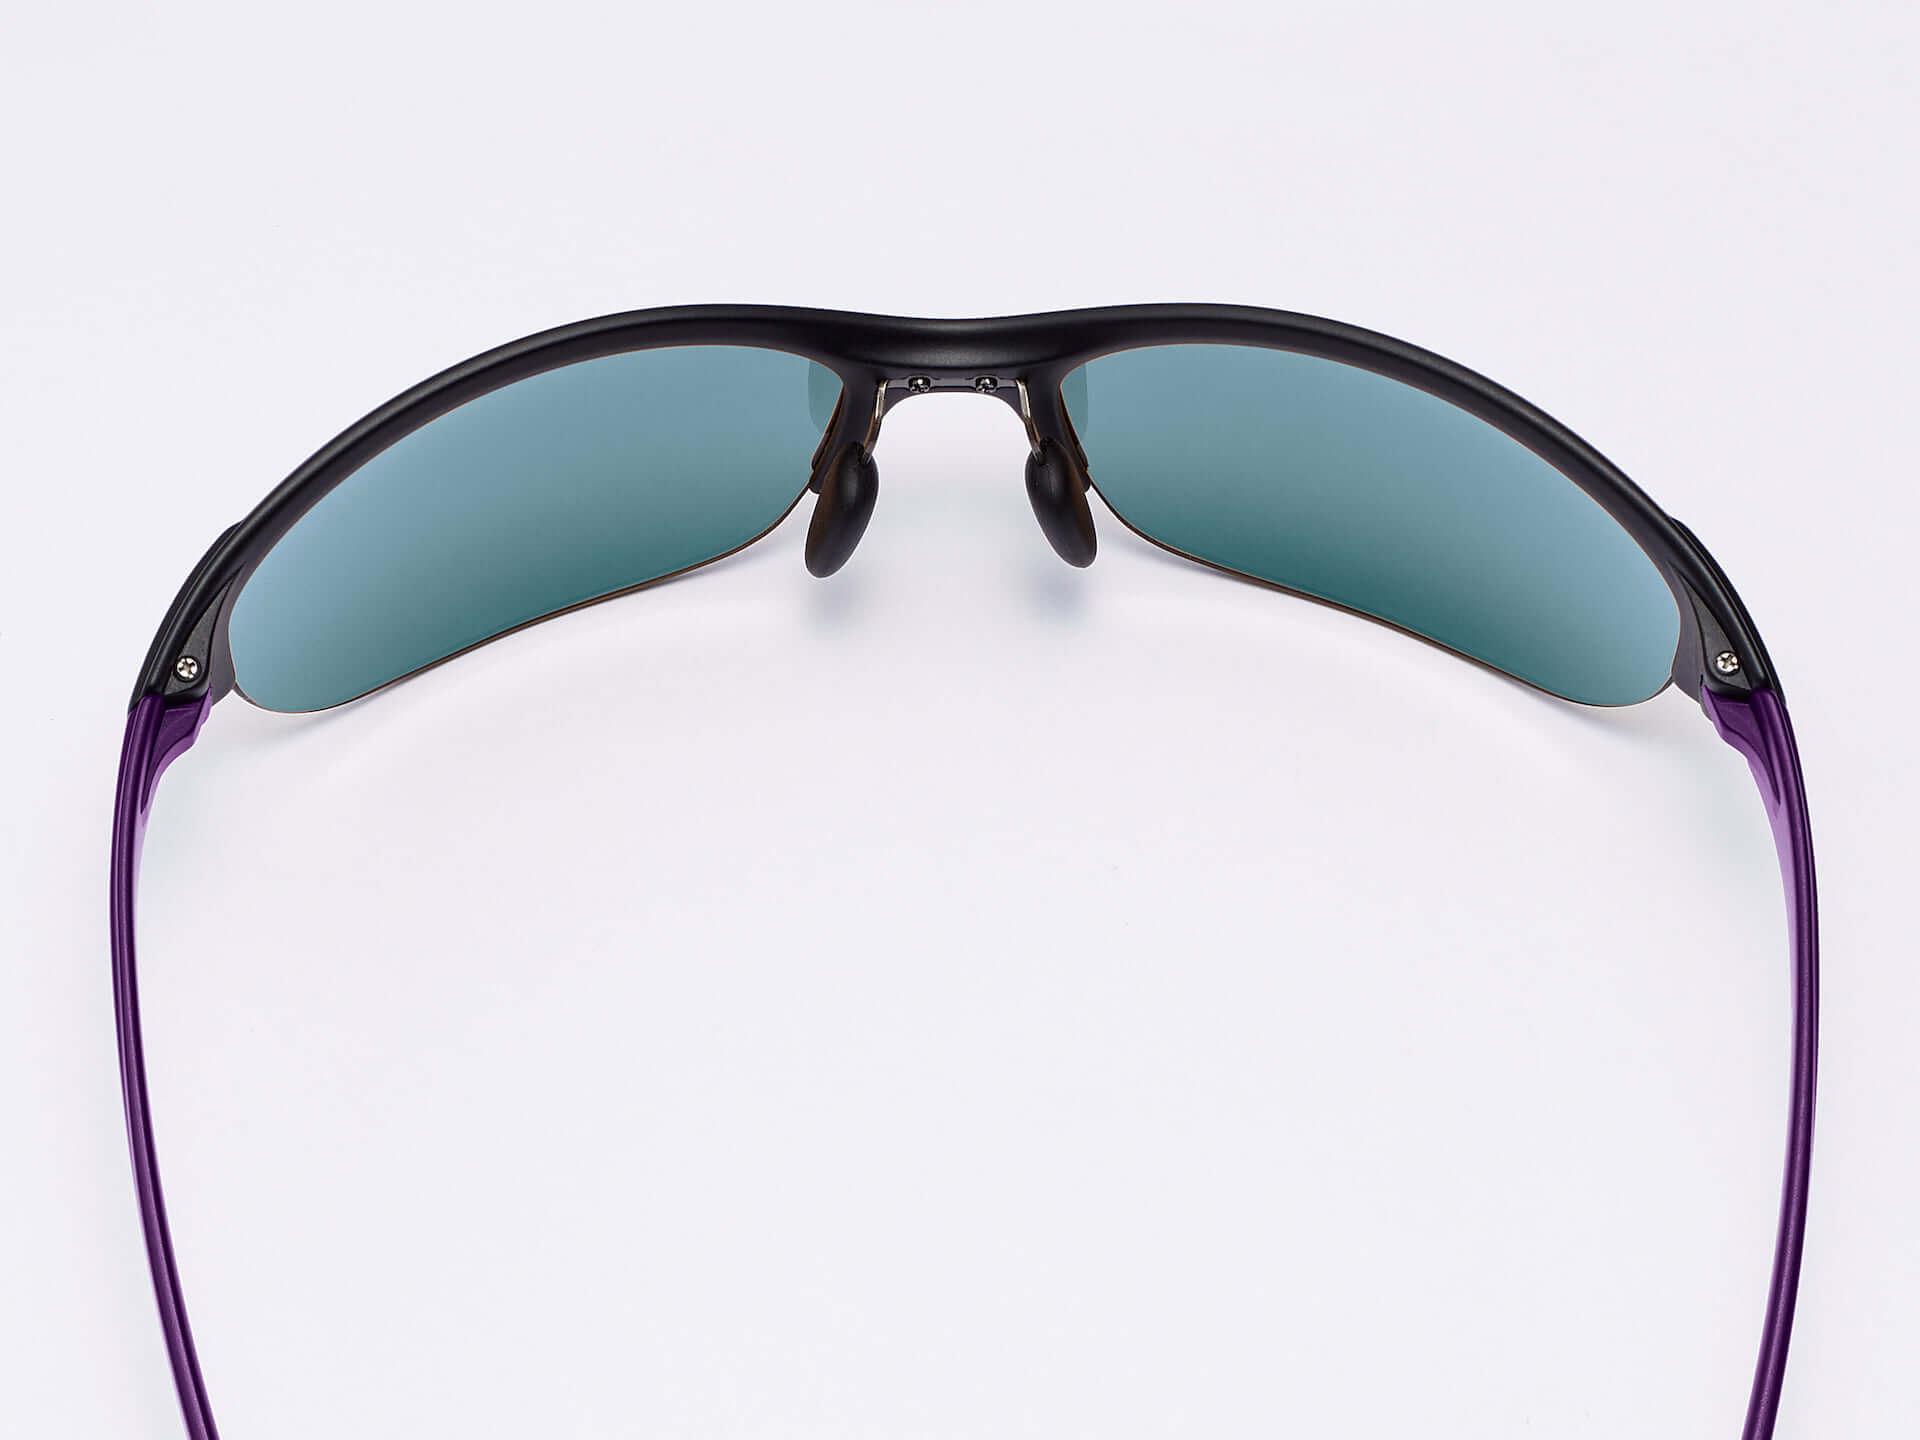 「メガネの愛眼」× 新世紀エヴァンゲリオンの別注サングラスが発売中!EVA初号機をイメージした2型 lf200602_eva_sunglasses_08-1920x1440